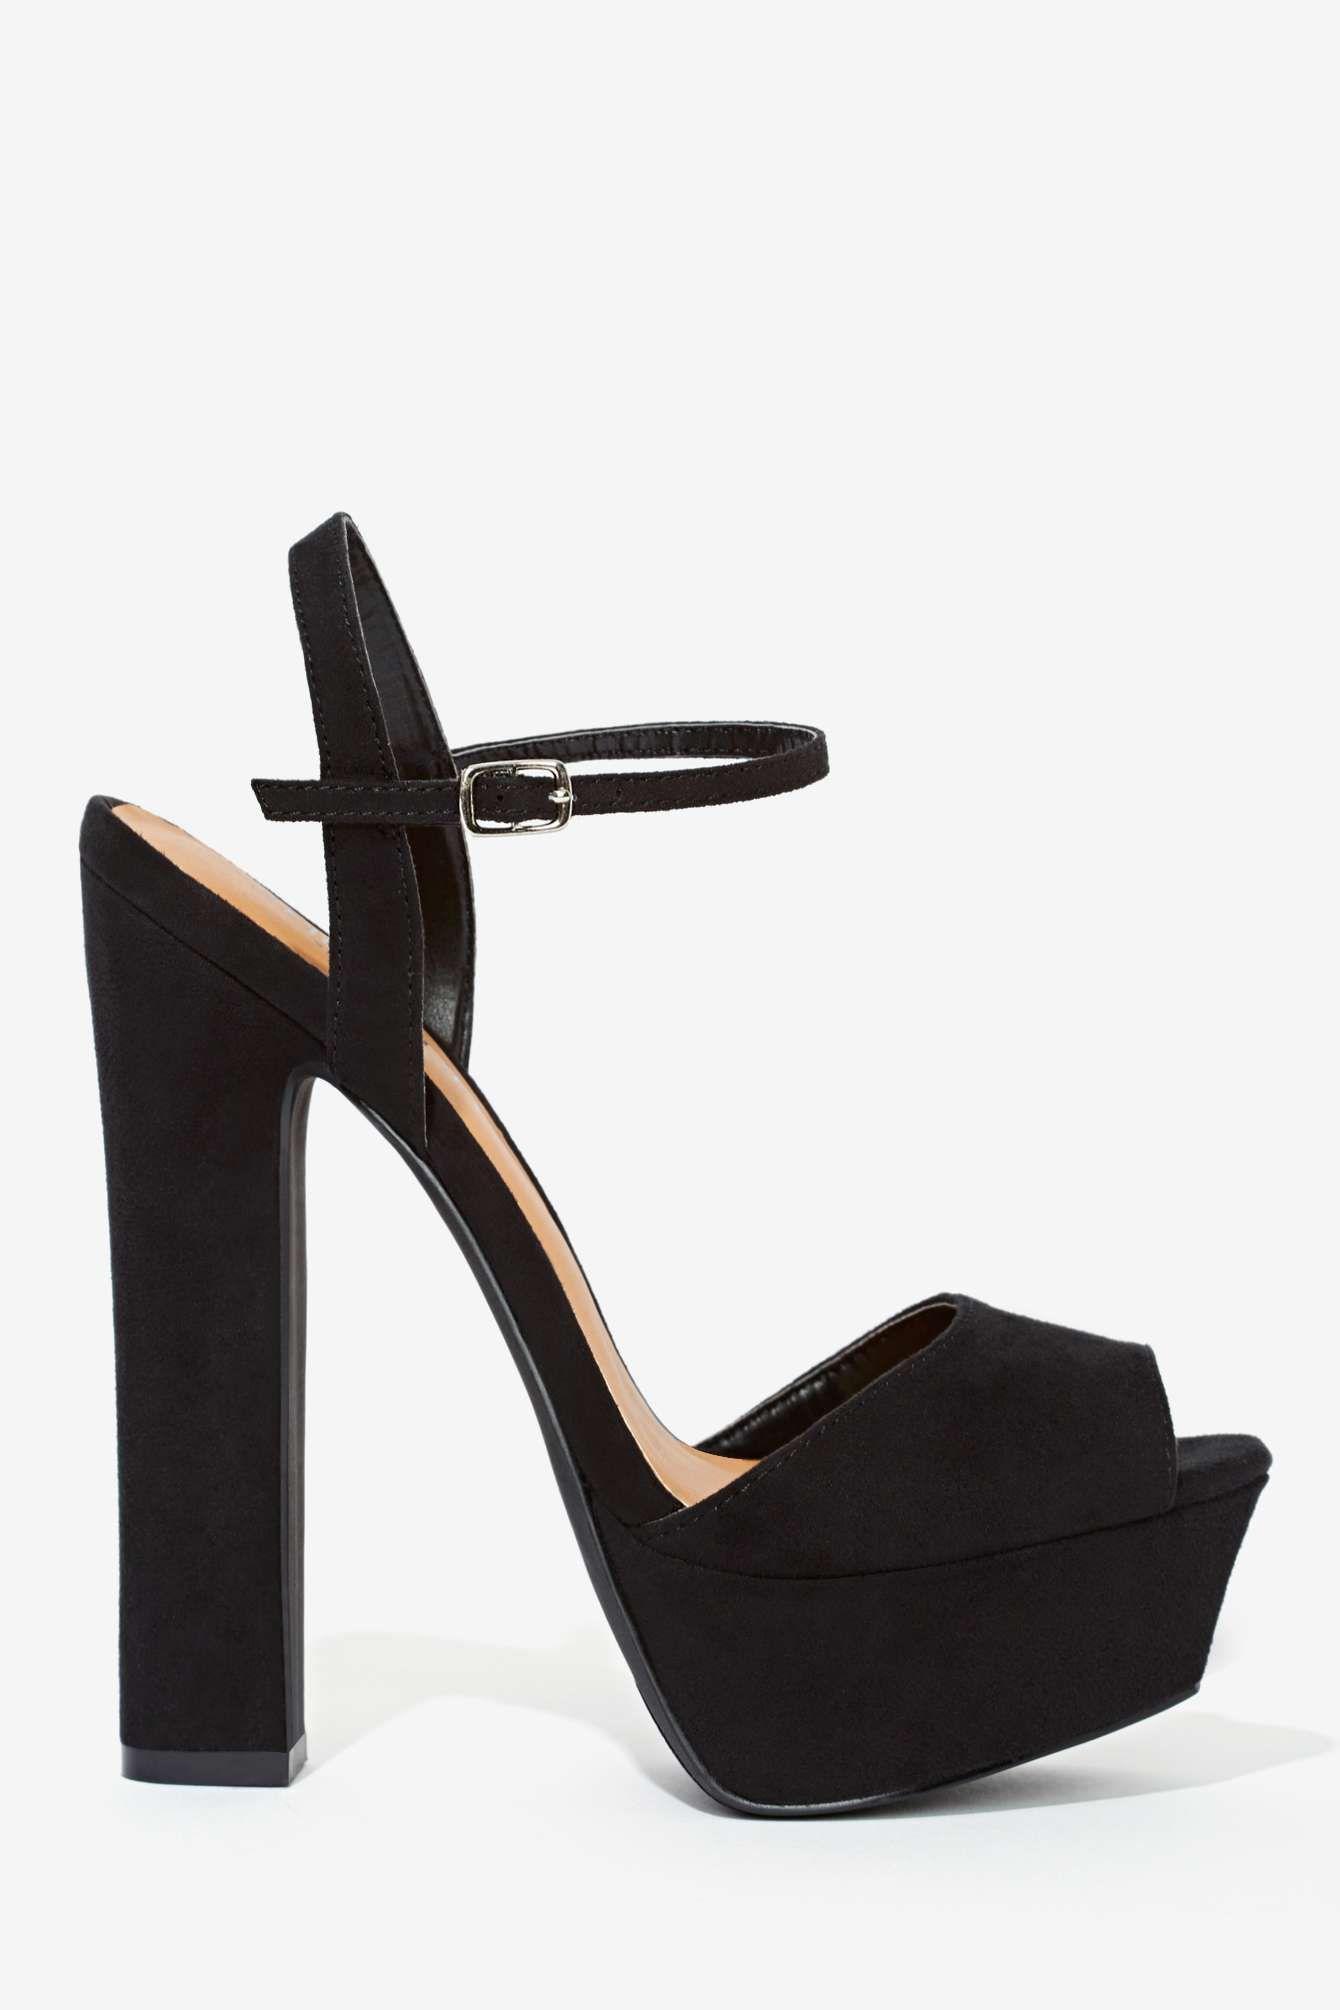 b7bd019a11d Shoe Cult Eva Platform - Black